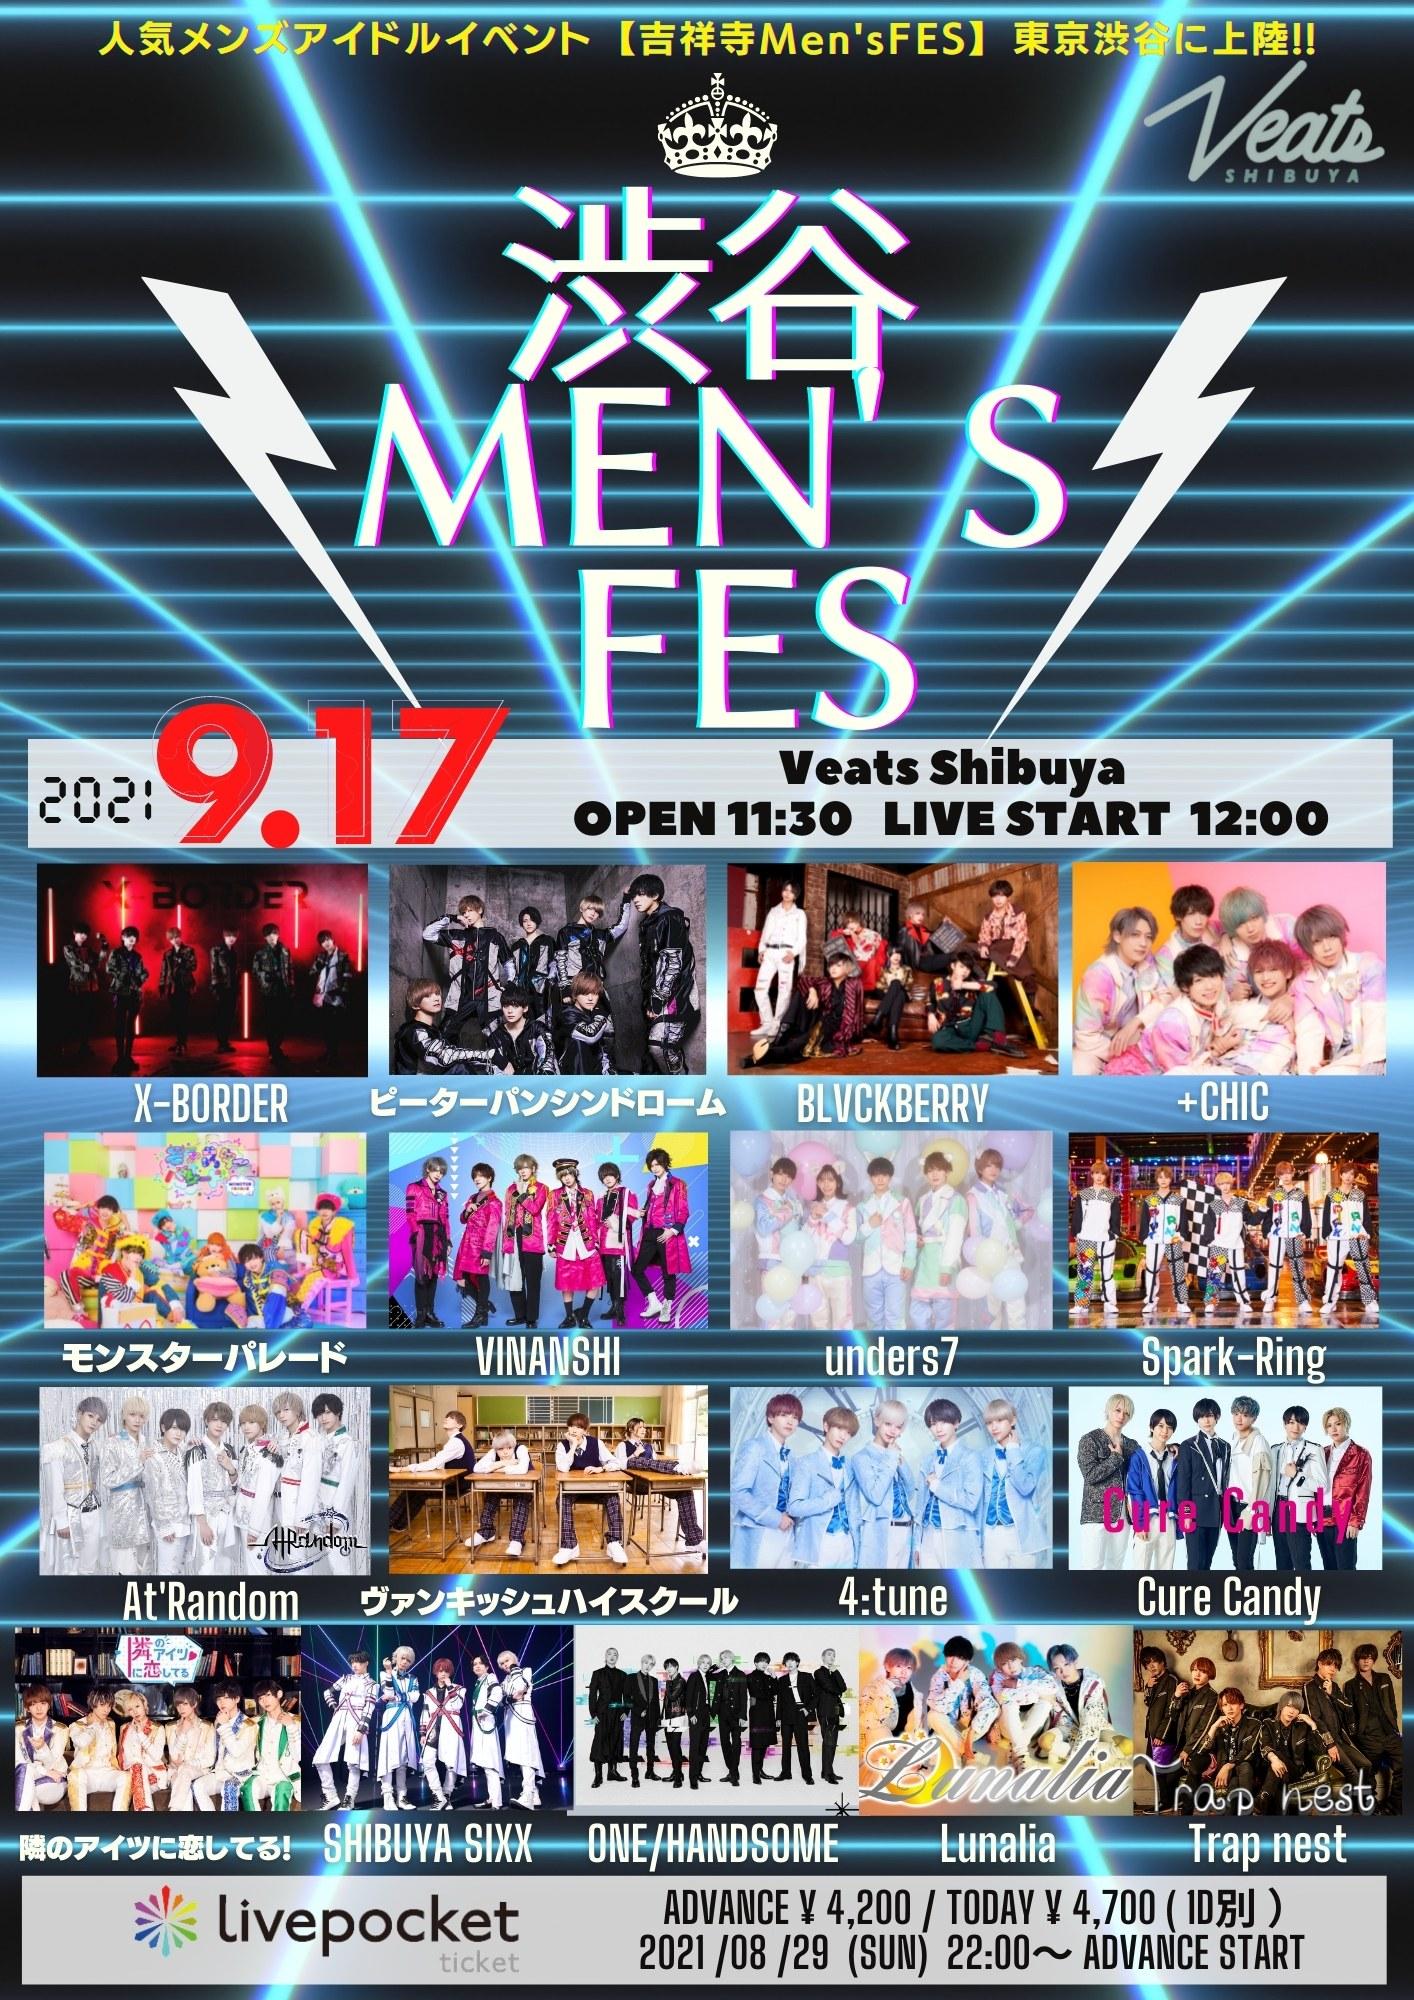 渋谷 Men's FES